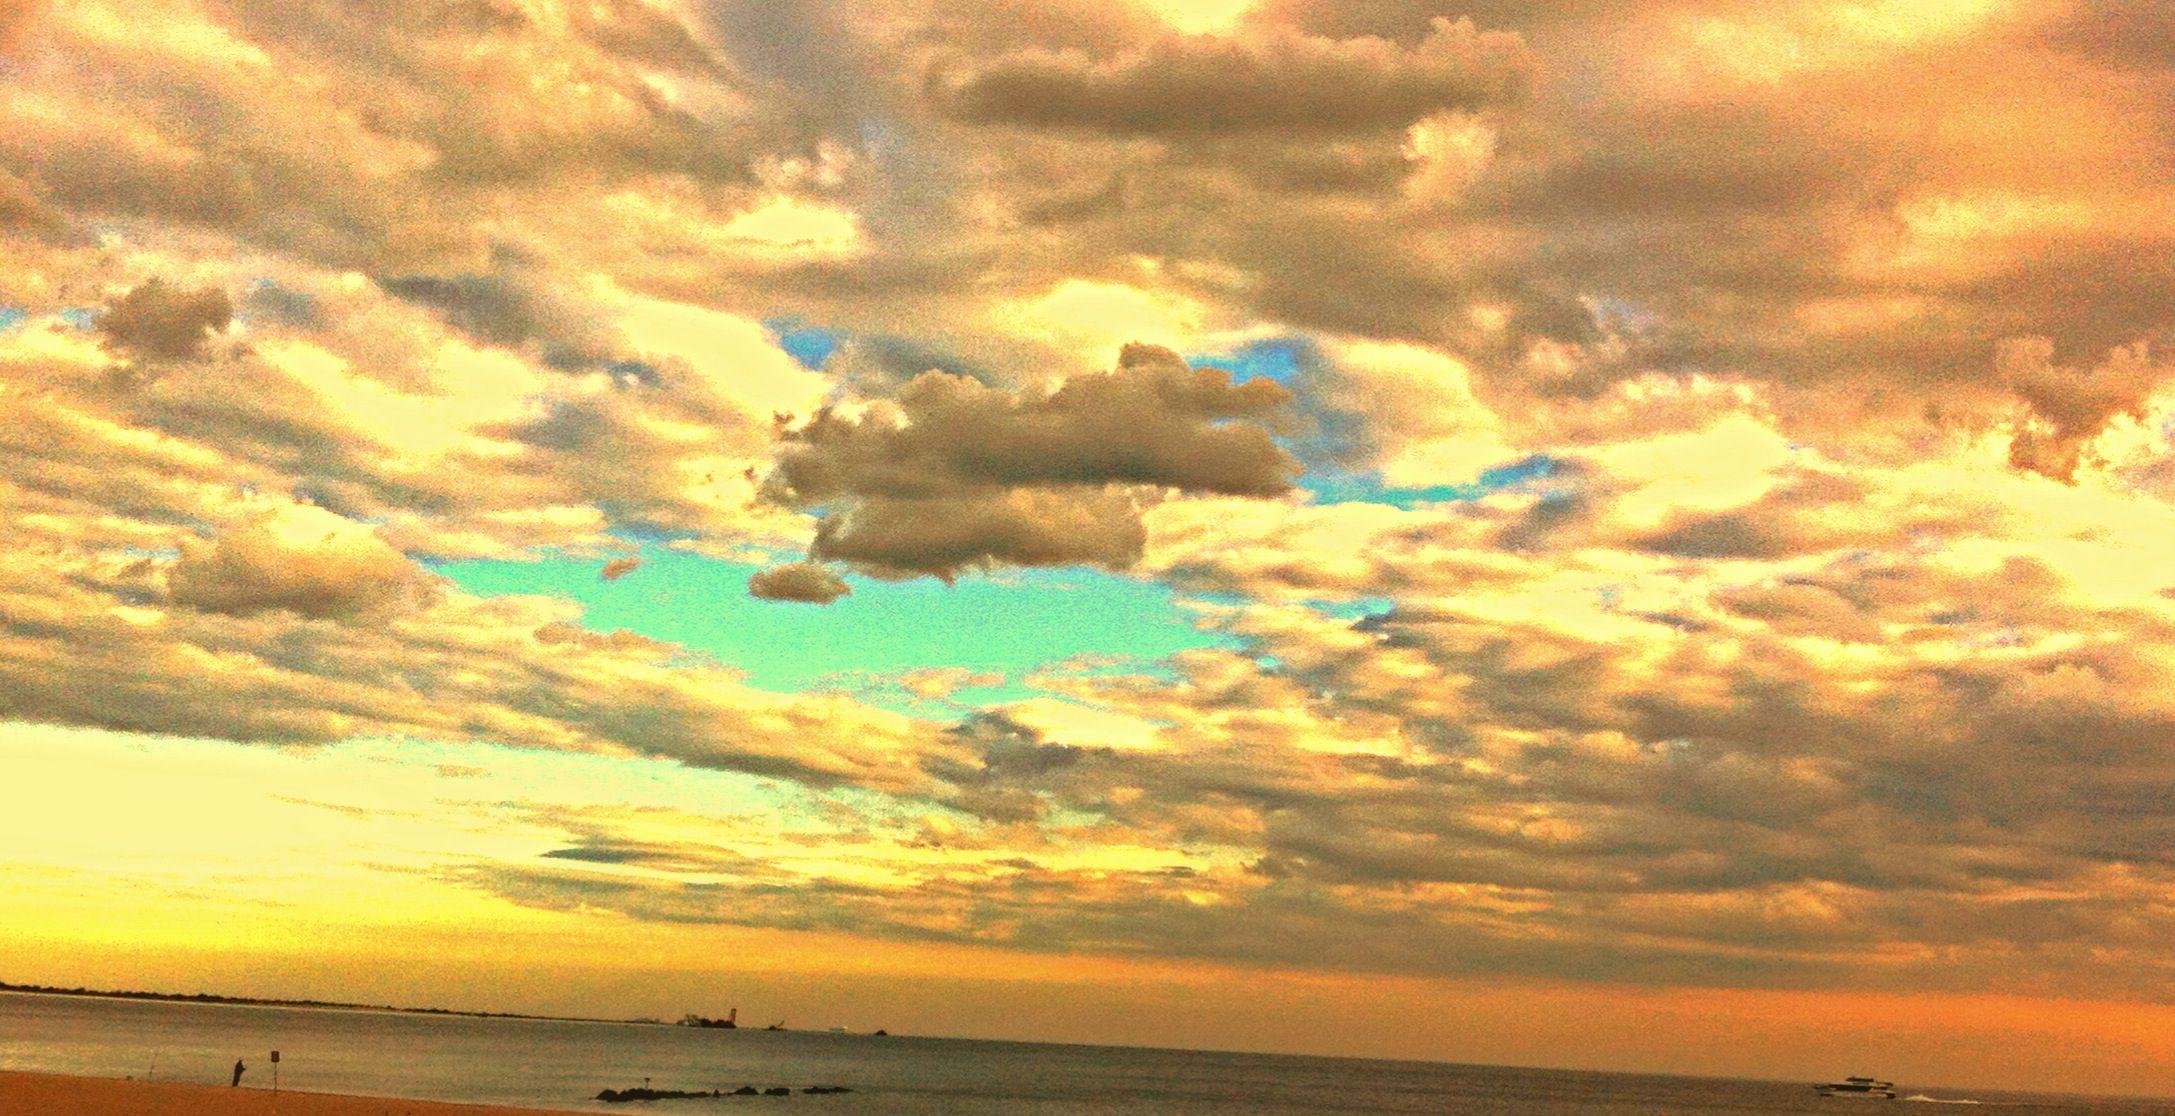 Nube6 (Coney island, NY)